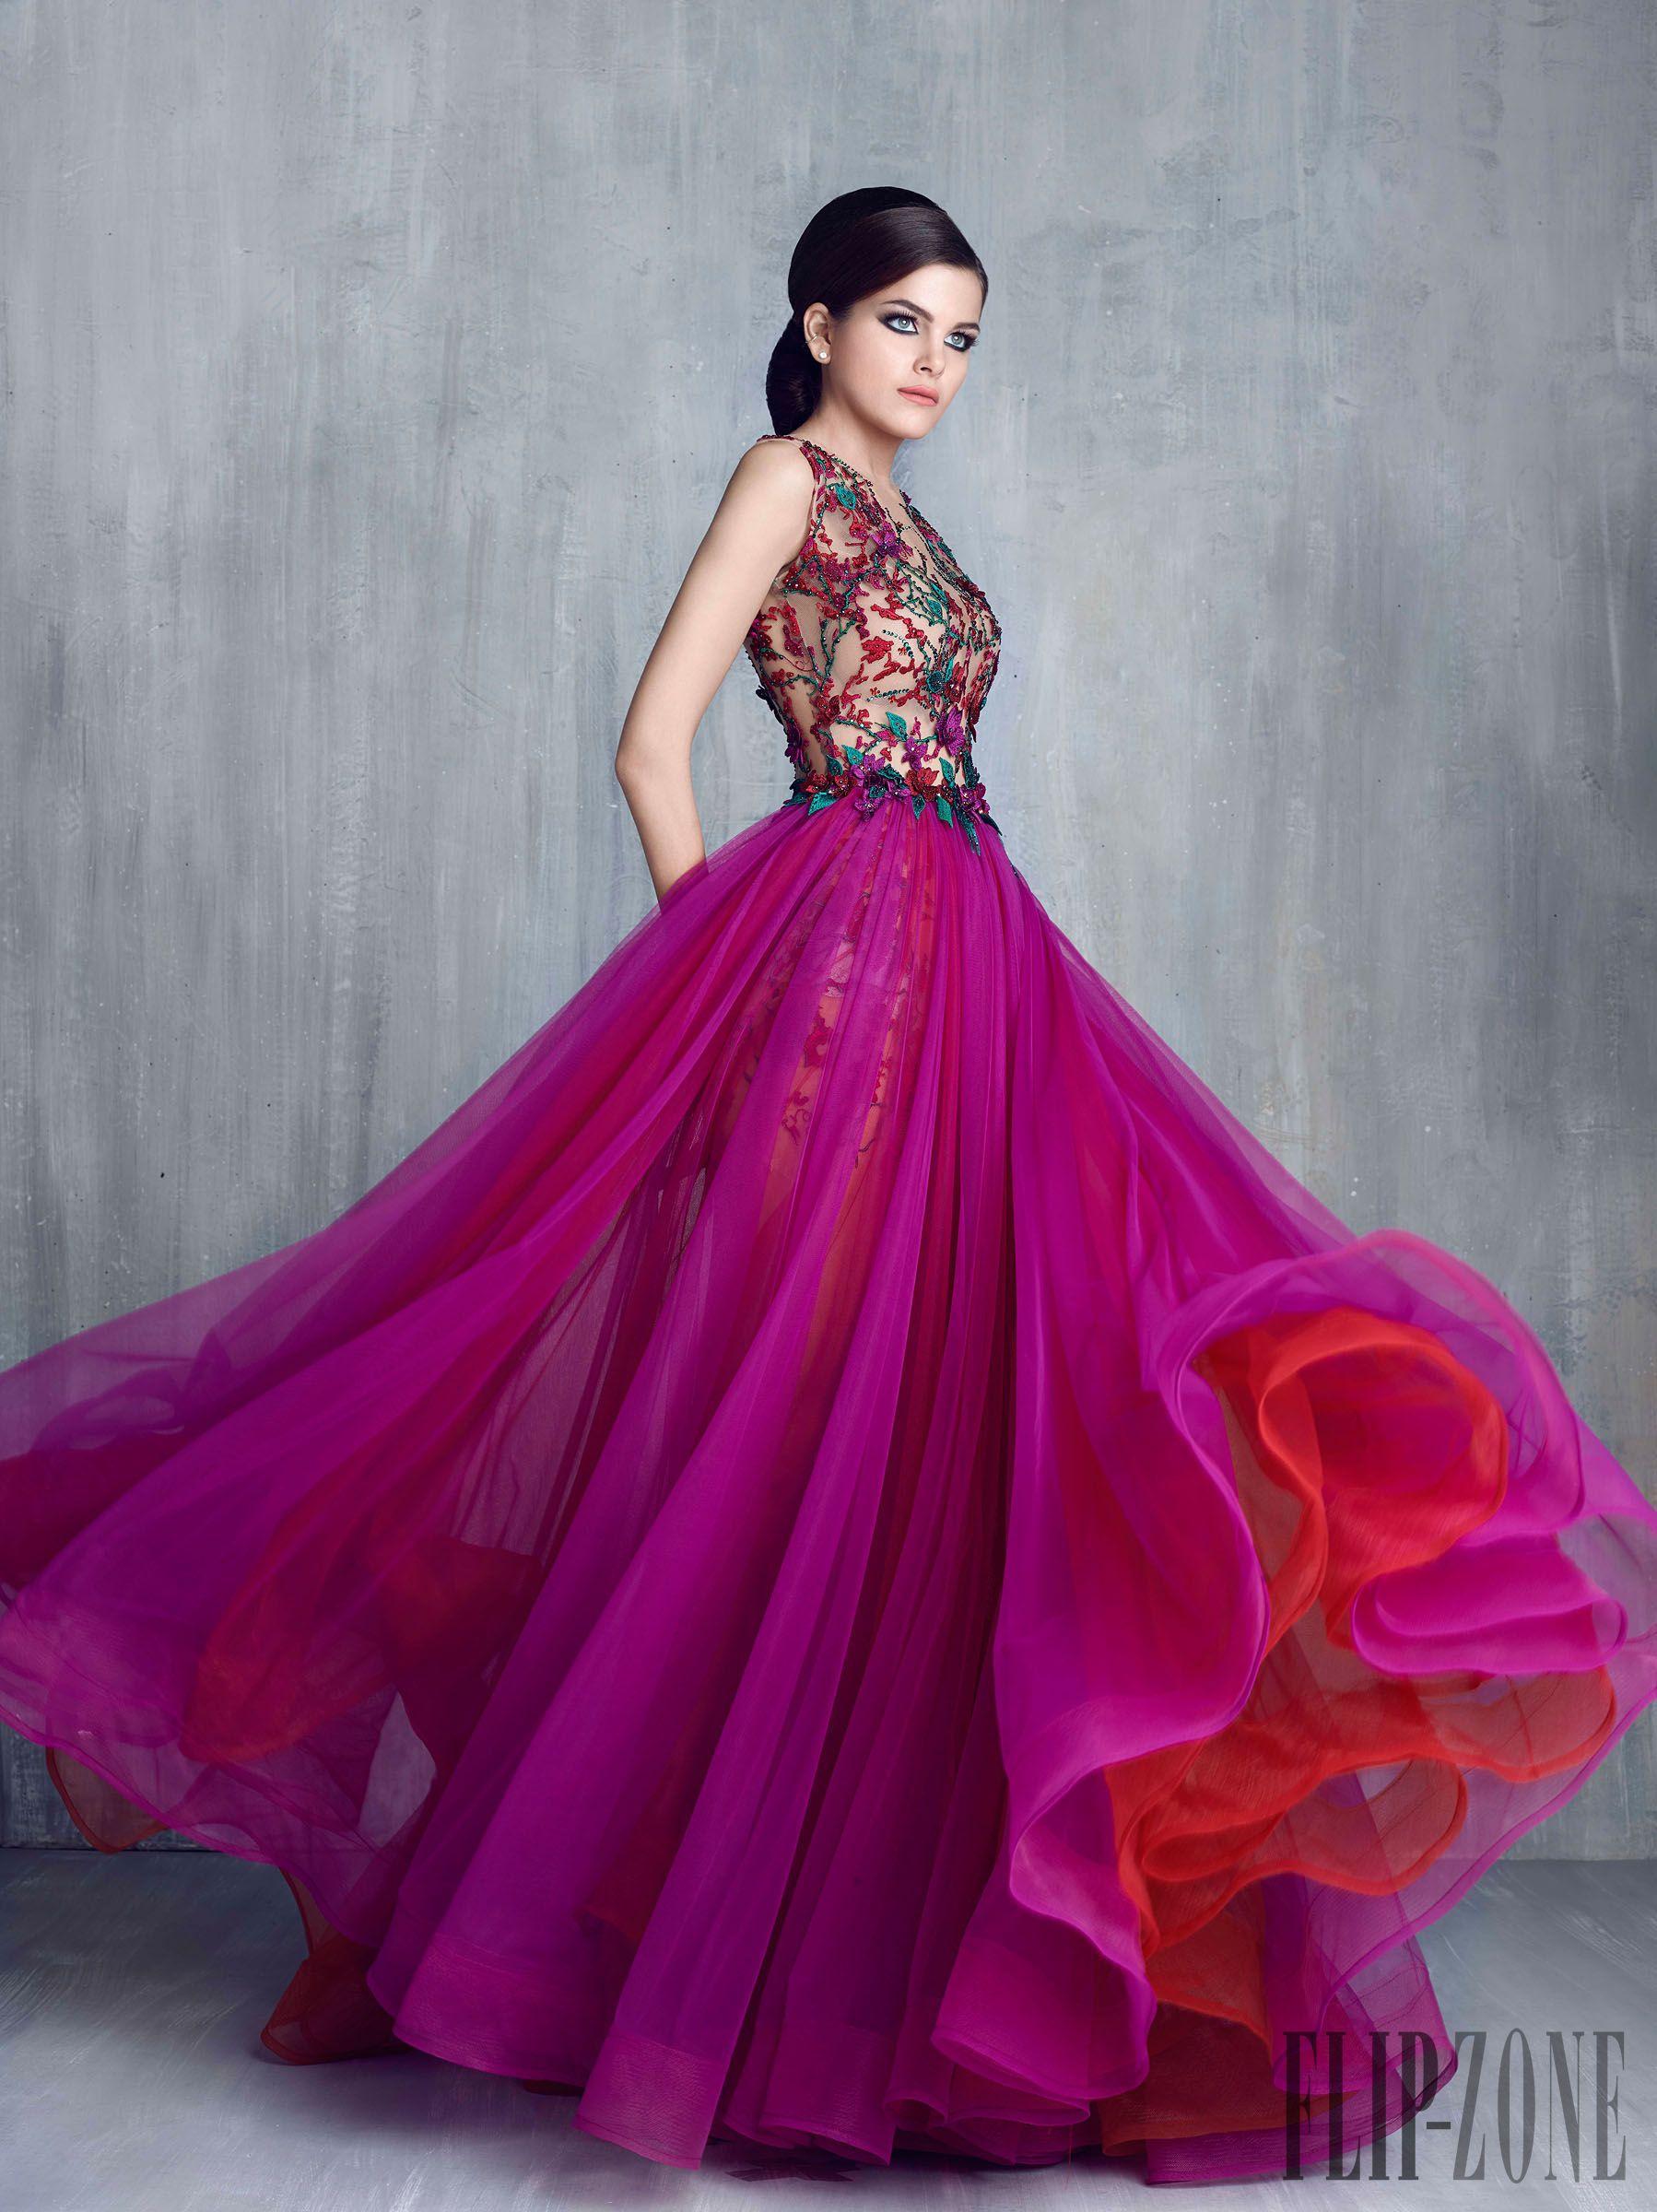 Pin de Andrea Alvarado Cardoso en Dresses | Pinterest | Vestiditos ...